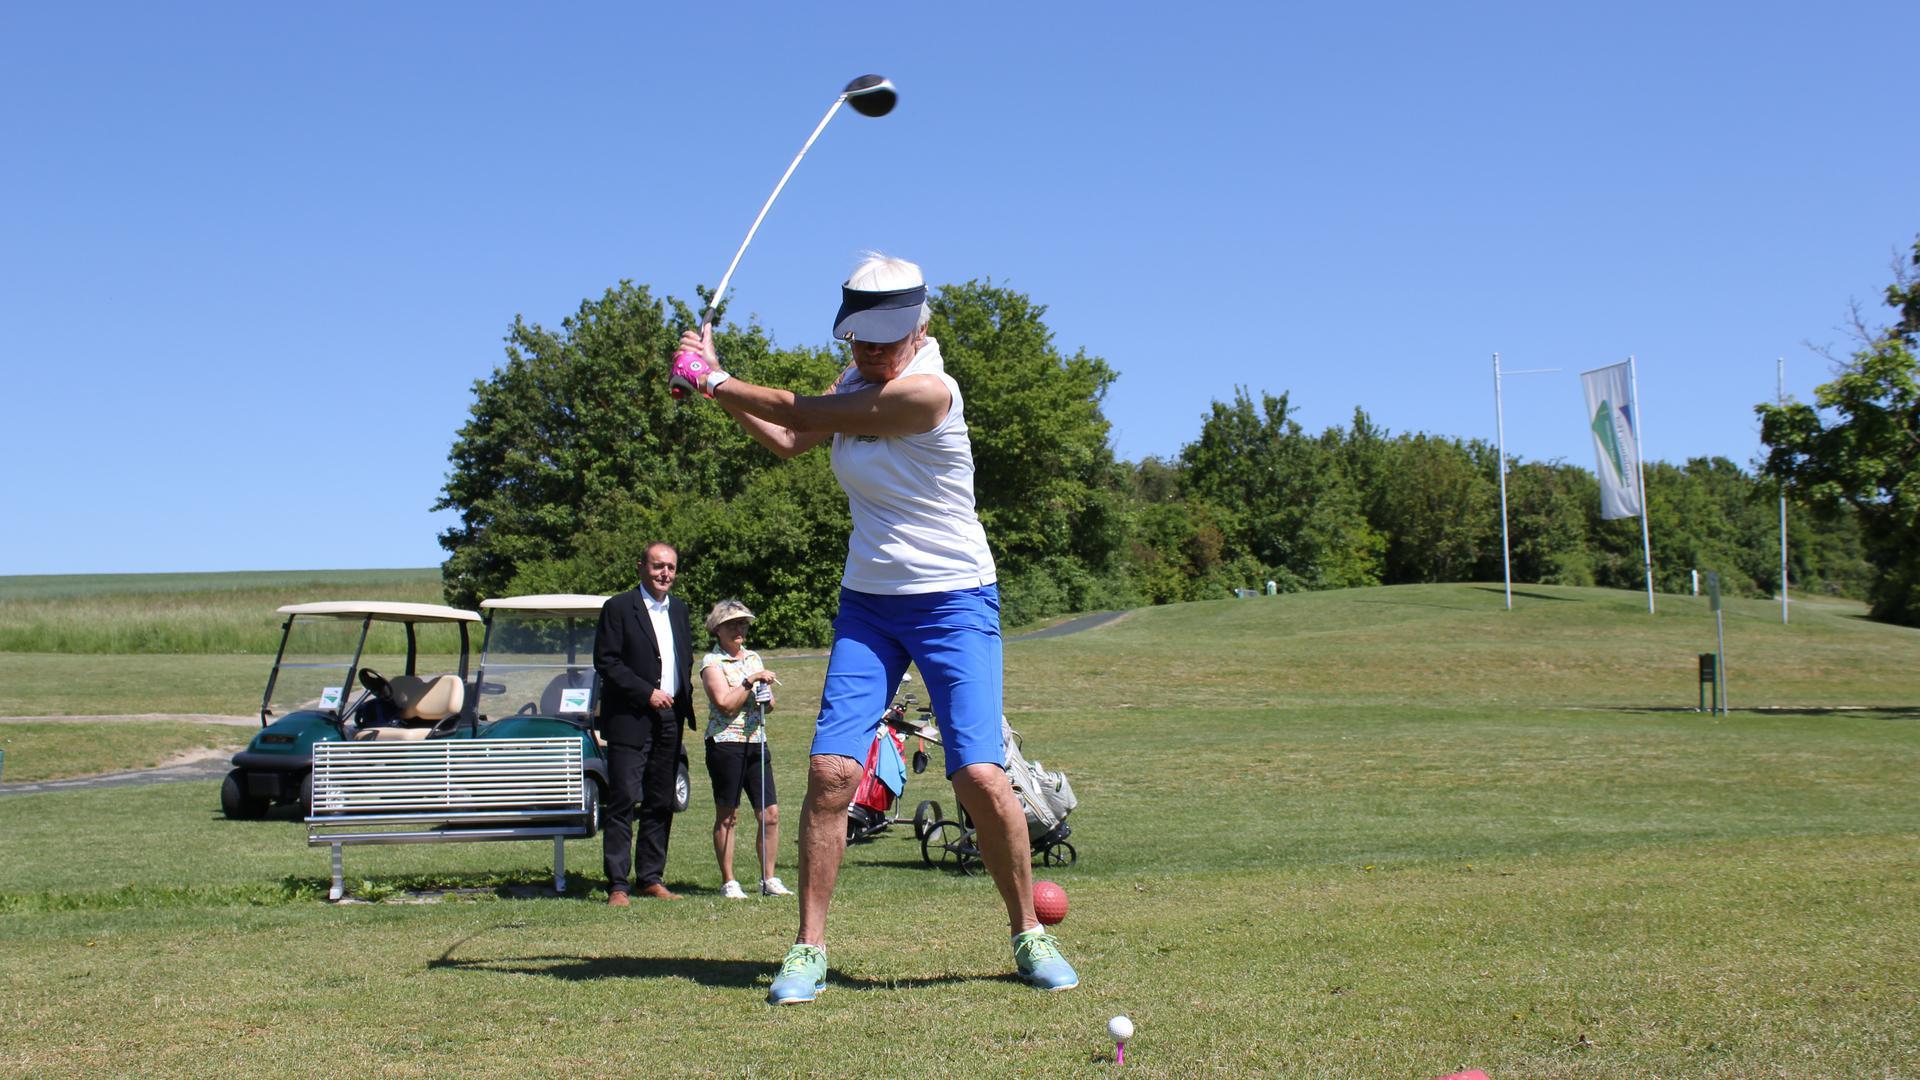 Am Ball: Auf allen 18 Bahnen des Golfplatzes auf dem Karlshäuser Hof kann inzwischen gespielt werden. In vier Wochen sollen die Sanierungsarbeiten, die die Betriebsgesellschaft unter Geschäftsführer Bernard Olujic (hinten links im Bild) in Auftrag gegeben hat, abgeschlossen sein.